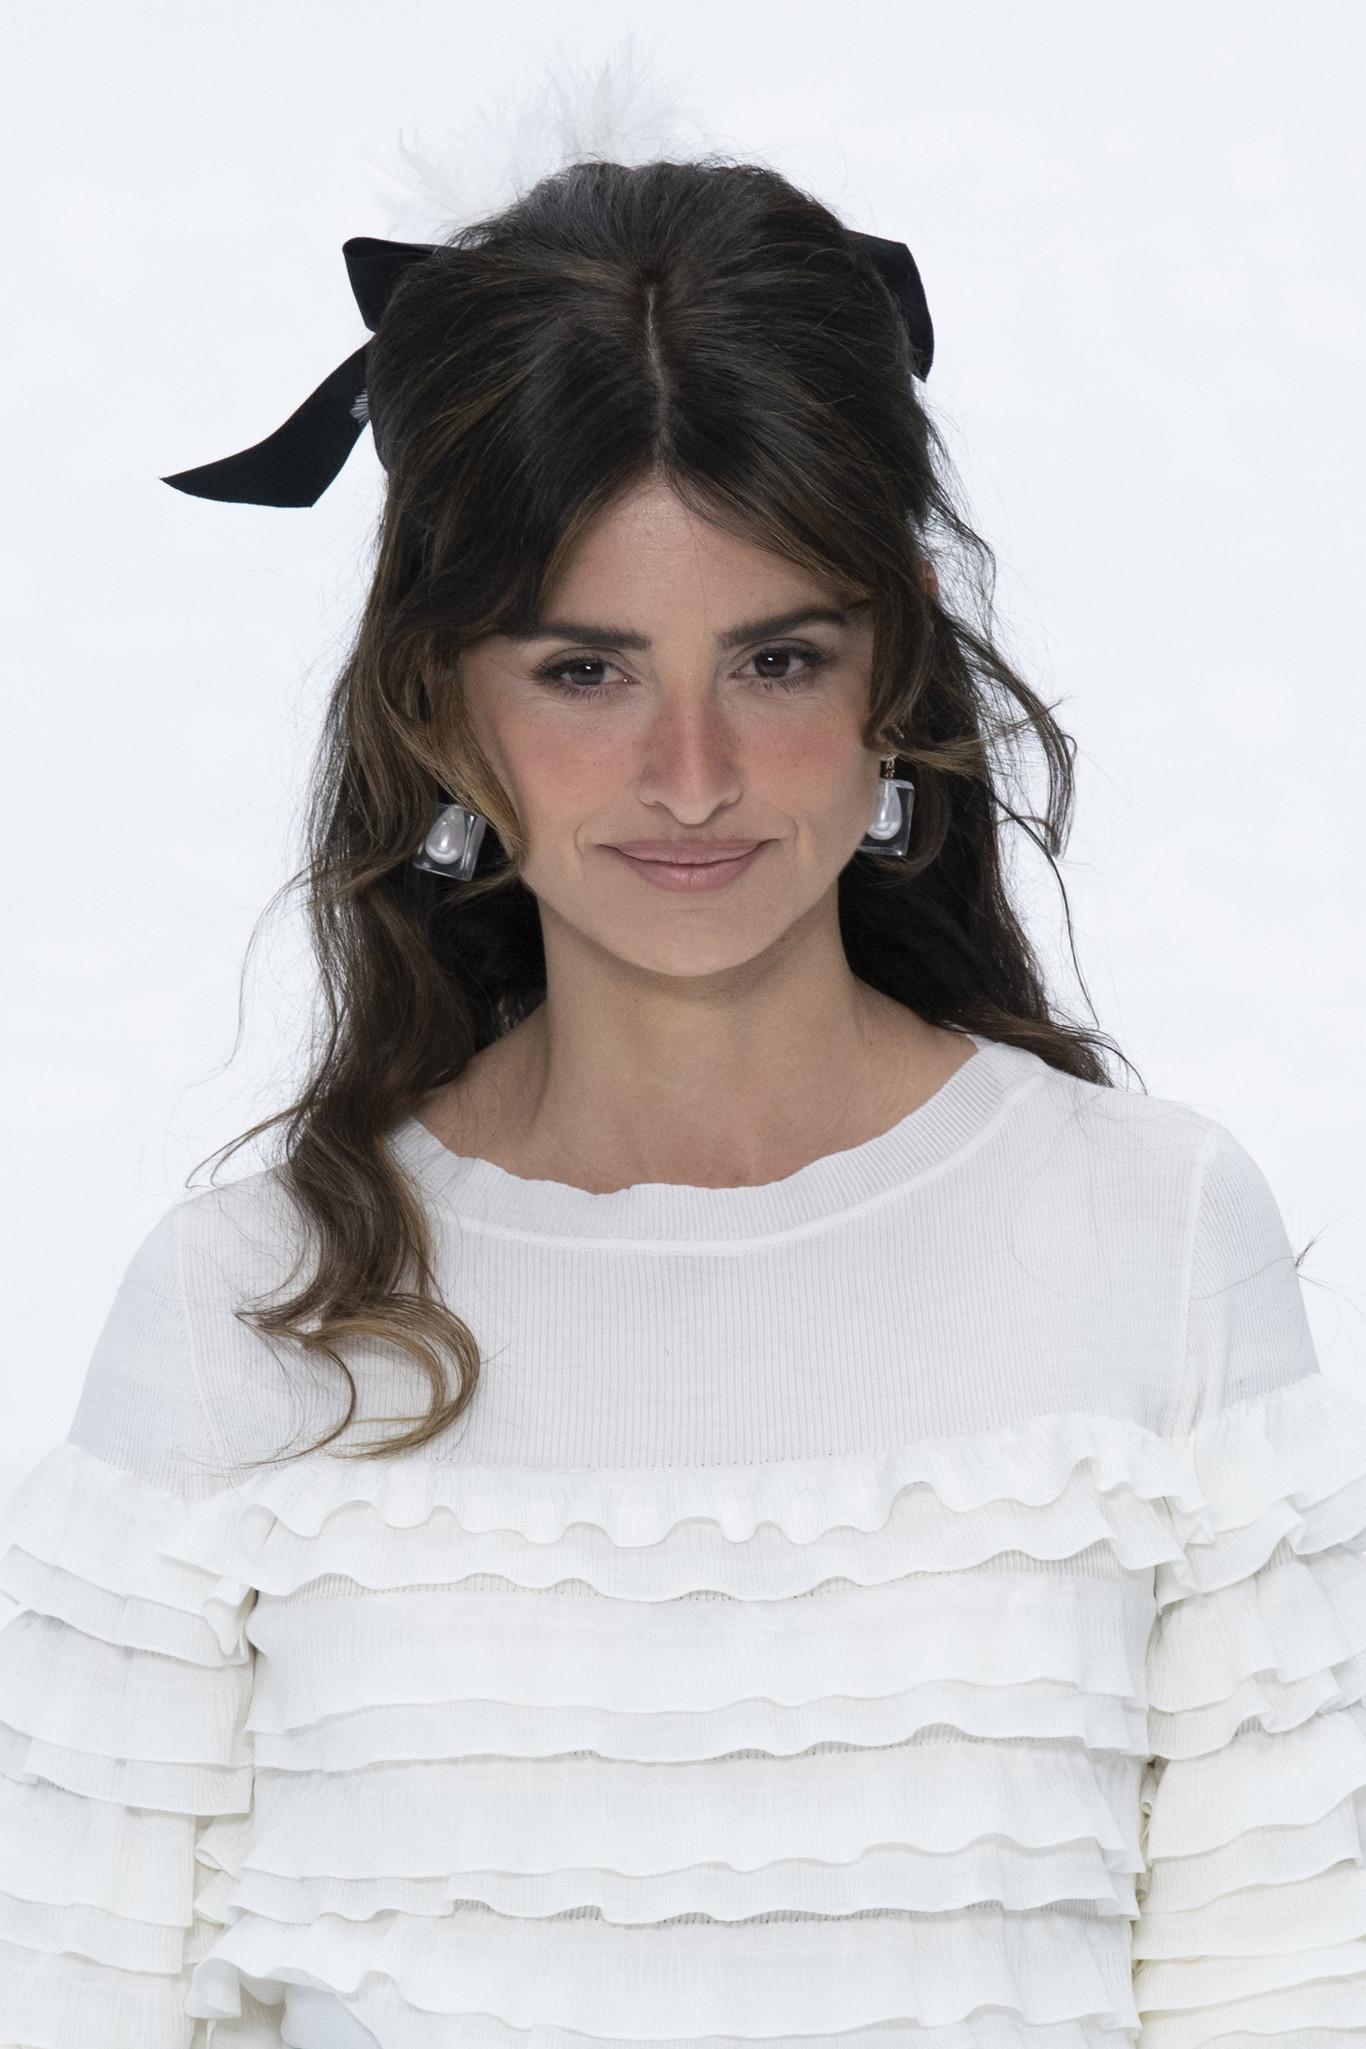 El desfile de Chanel se cubre de gloria con los accesorios para el cabello  (que ya queremos copiar) 413faf197e8f